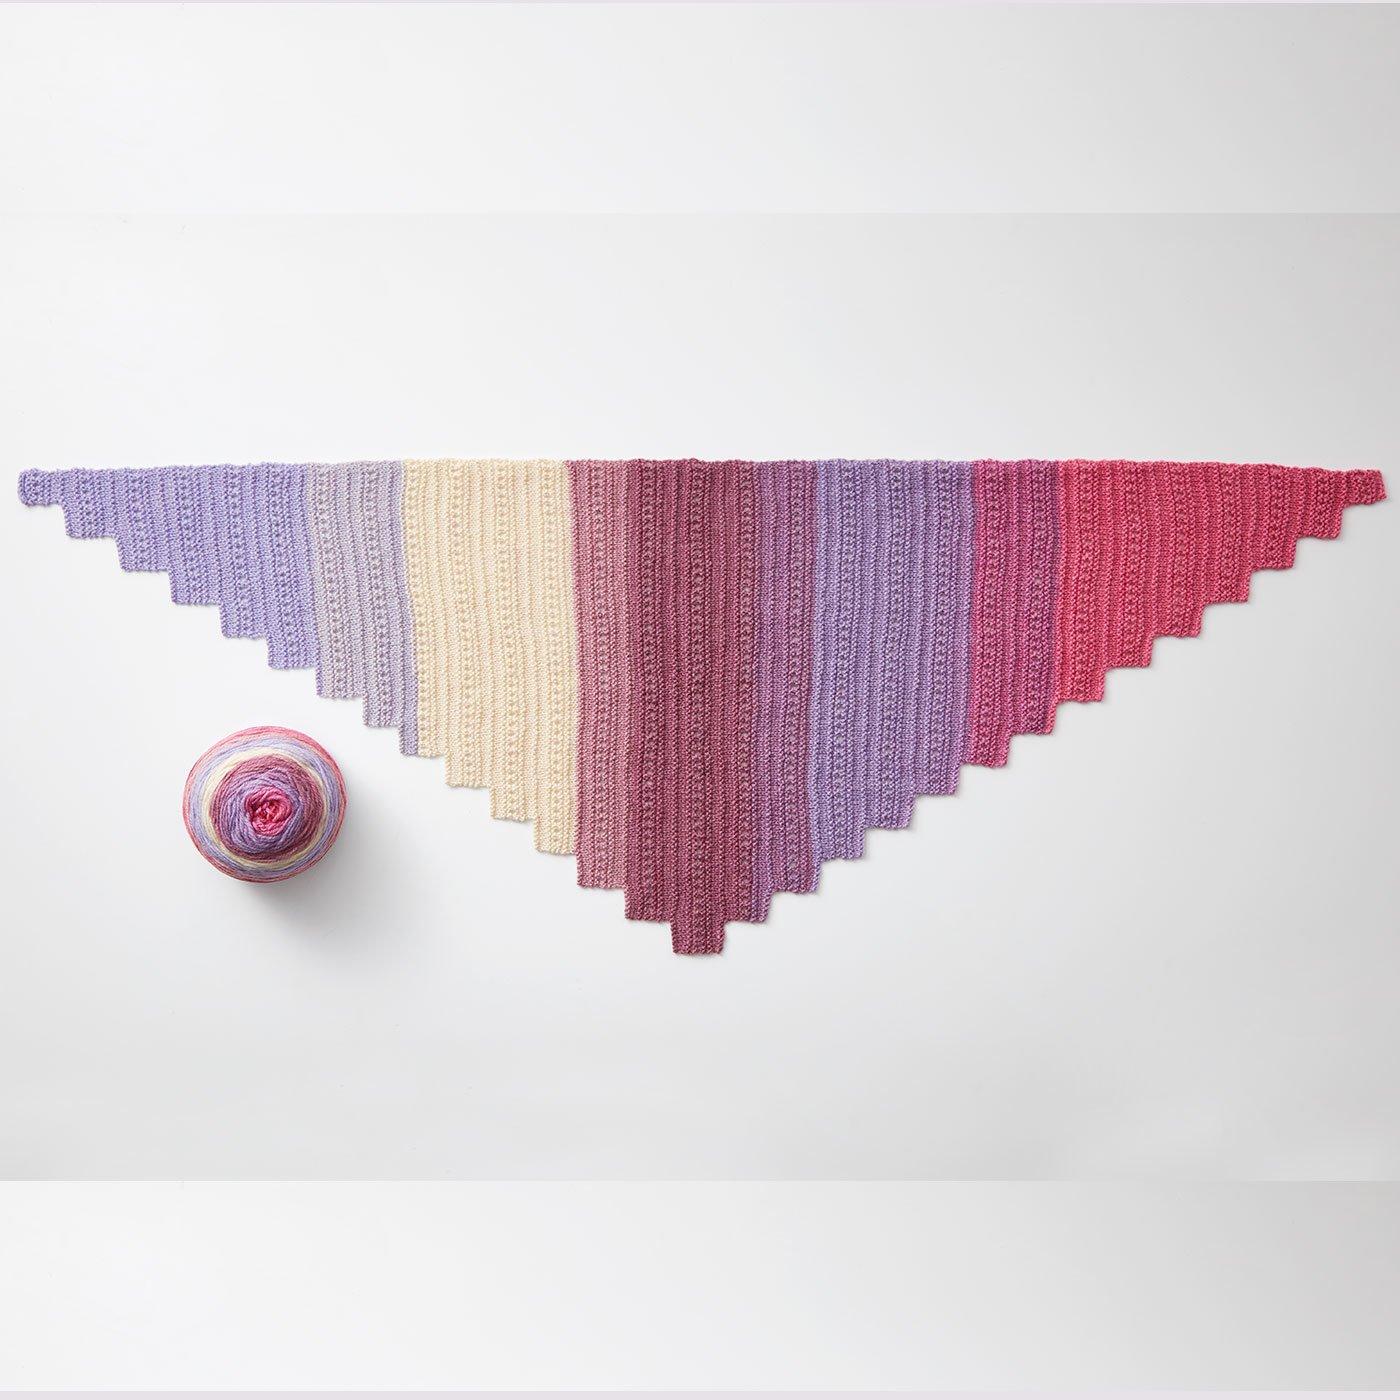 色の変化が楽しい マルチカラー毛糸 REVELATION(レベレーション)ストールのレシピ付き